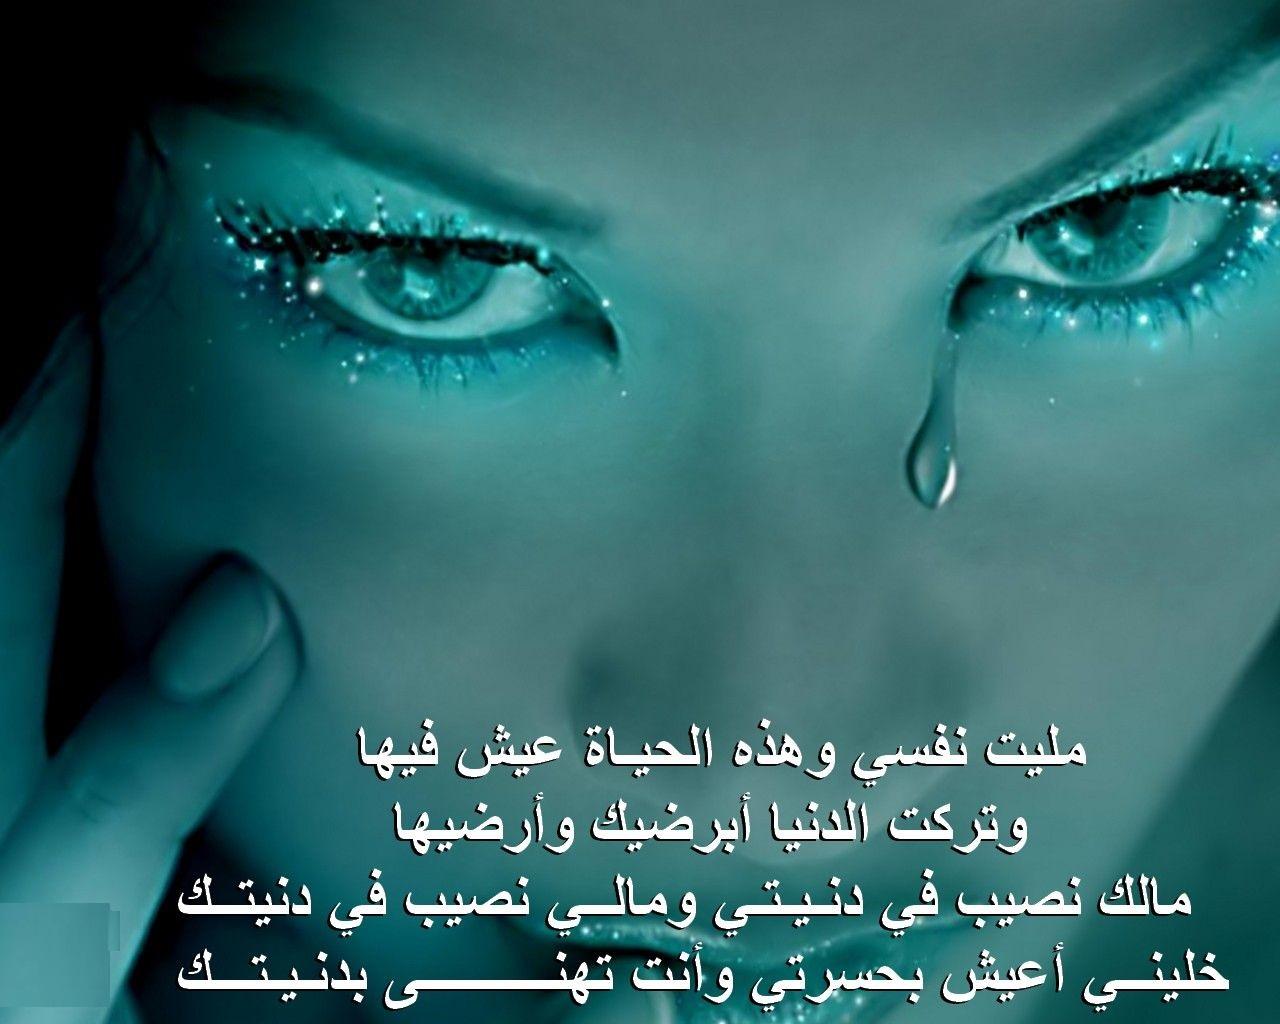 بالصور اجمل الصور الحزينة للفراق , حزن الفراق ومايعبر عنه 6198 2